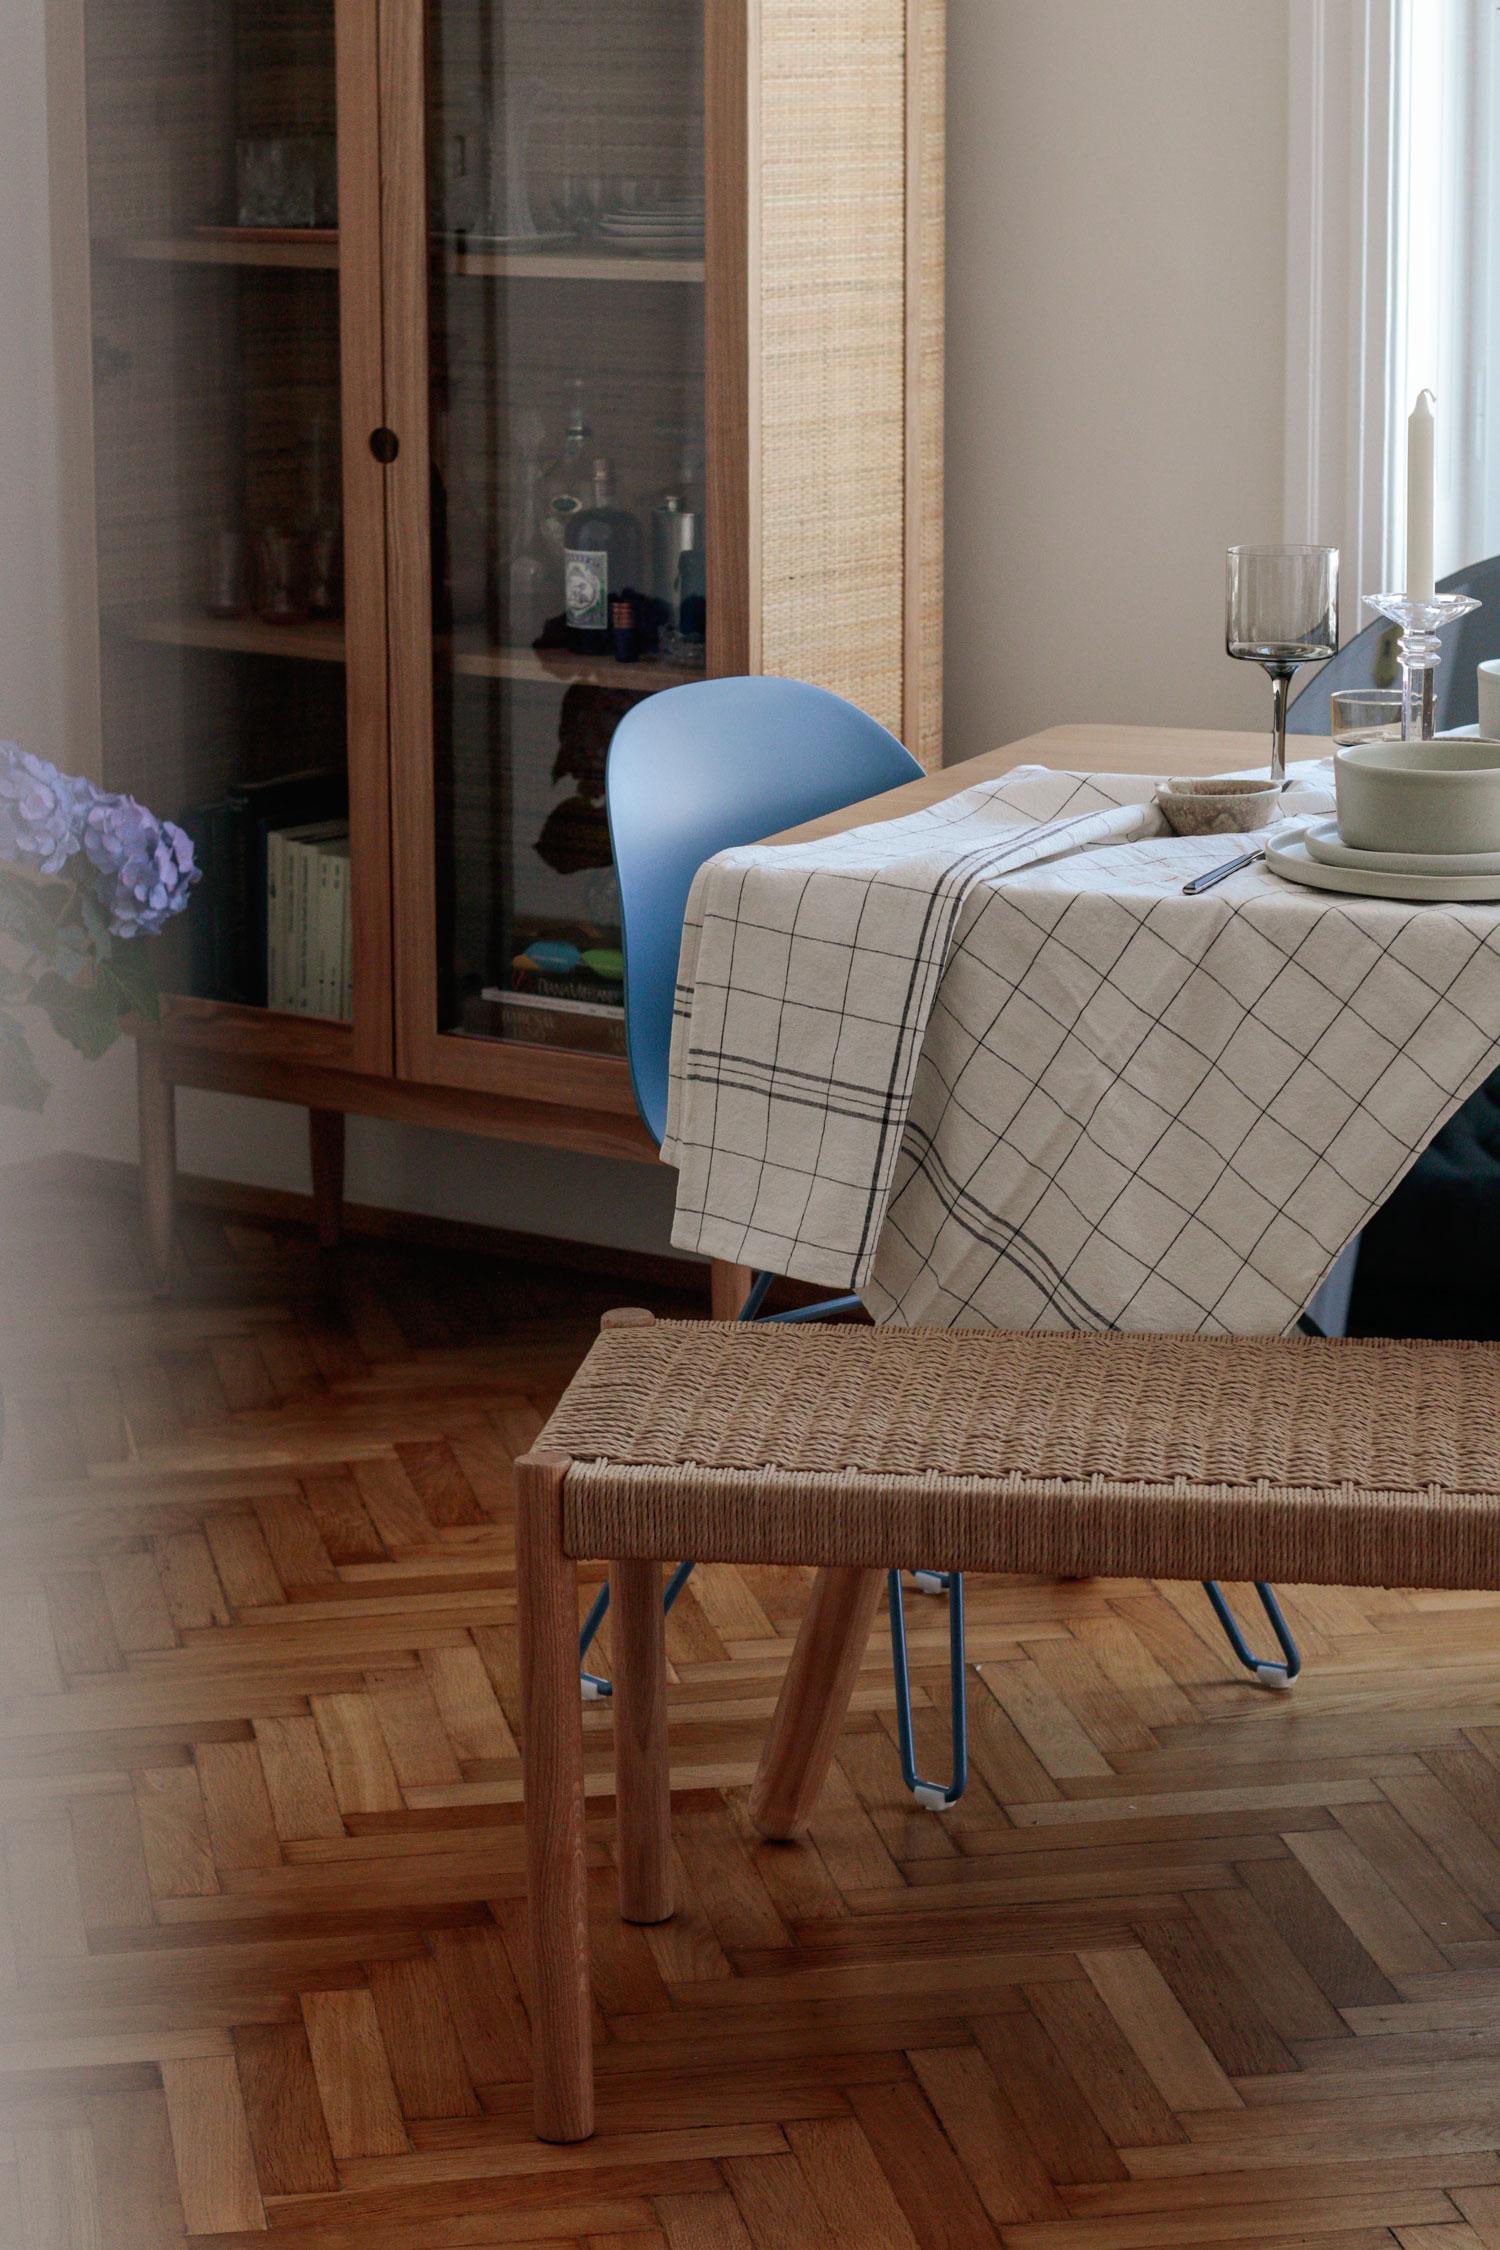 Scandi Interior Esstisch - www.lesfactoryfemmes.com